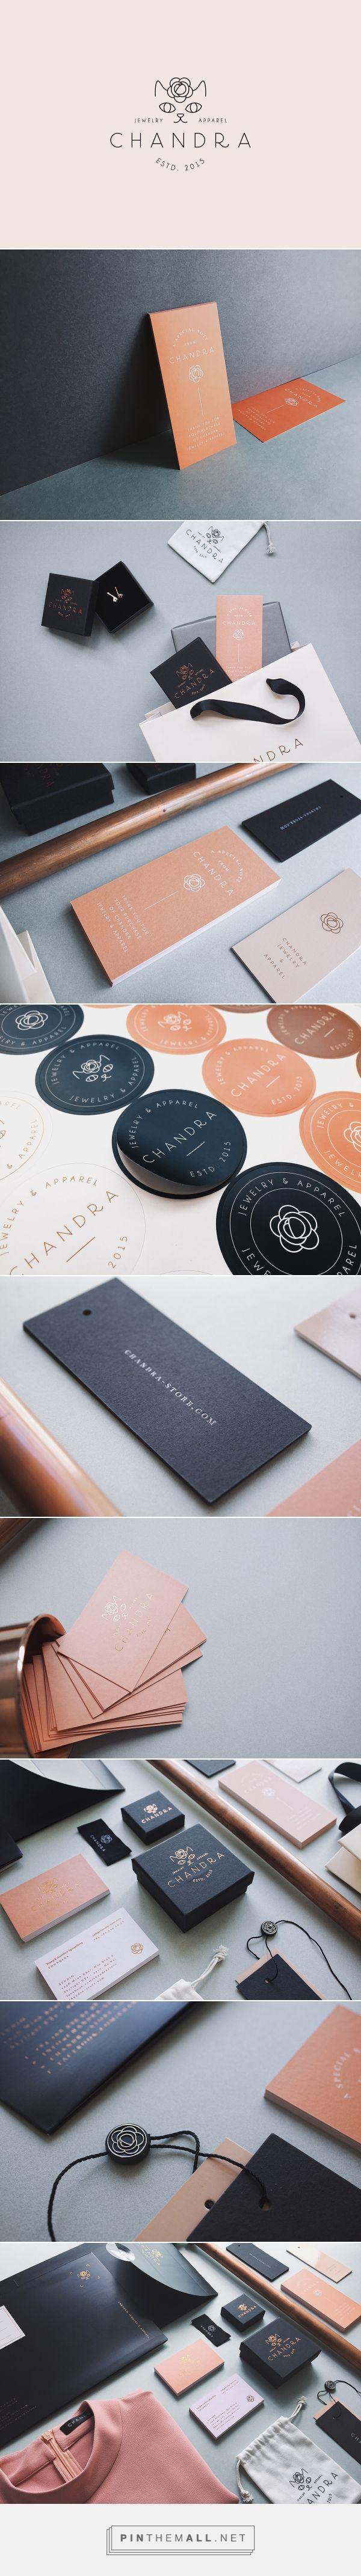 CHANDRA on Behance | Fivestar Branding – Design and Branding Agency &…